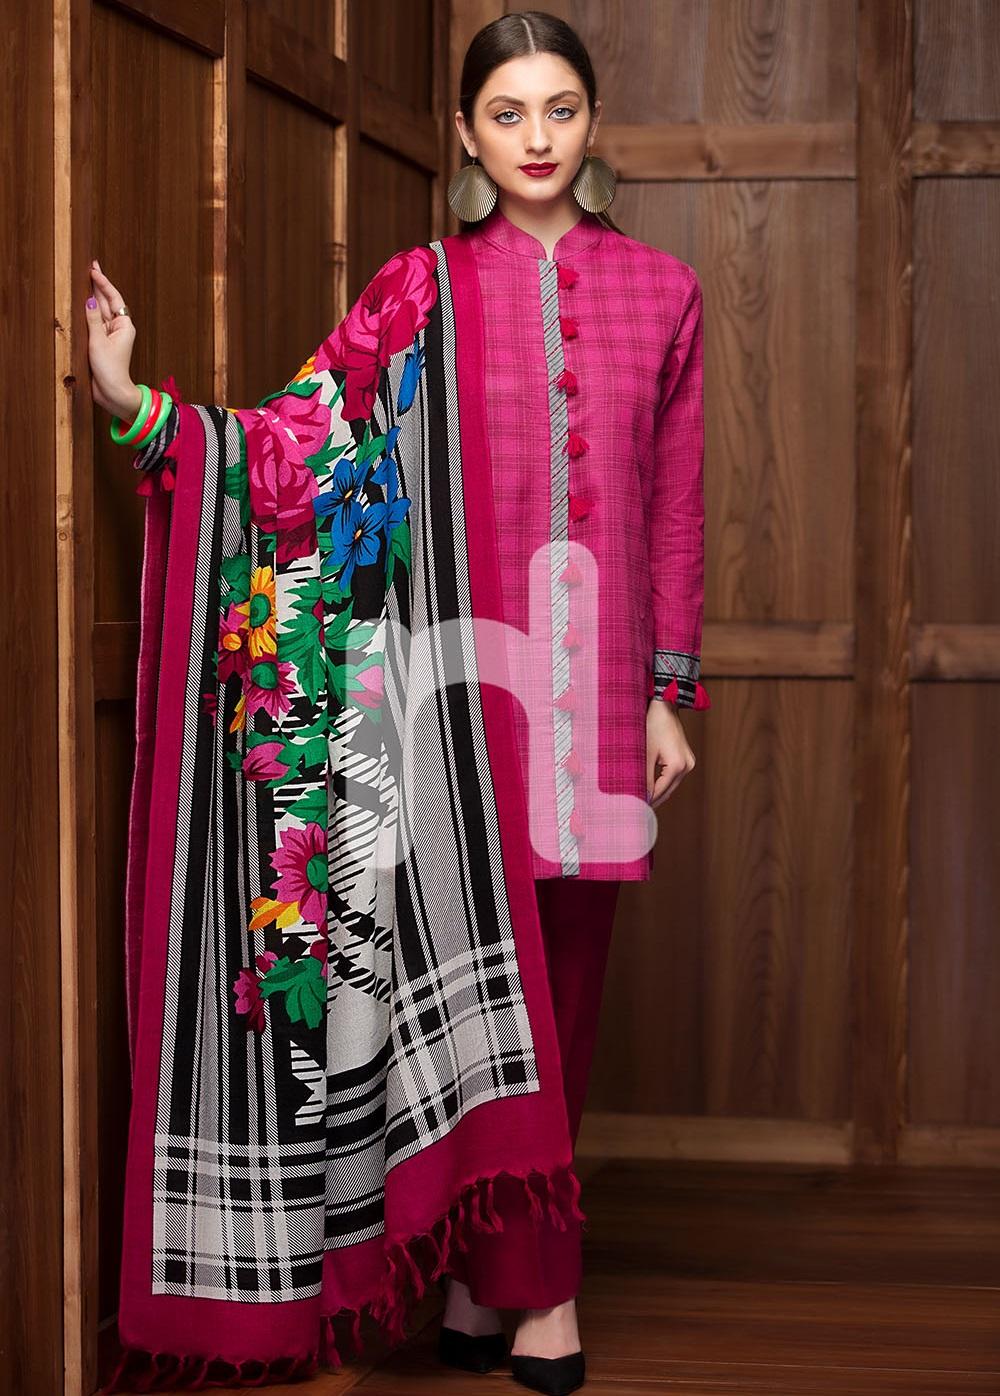 Nisha Nishat winter karandi suit with check pattern